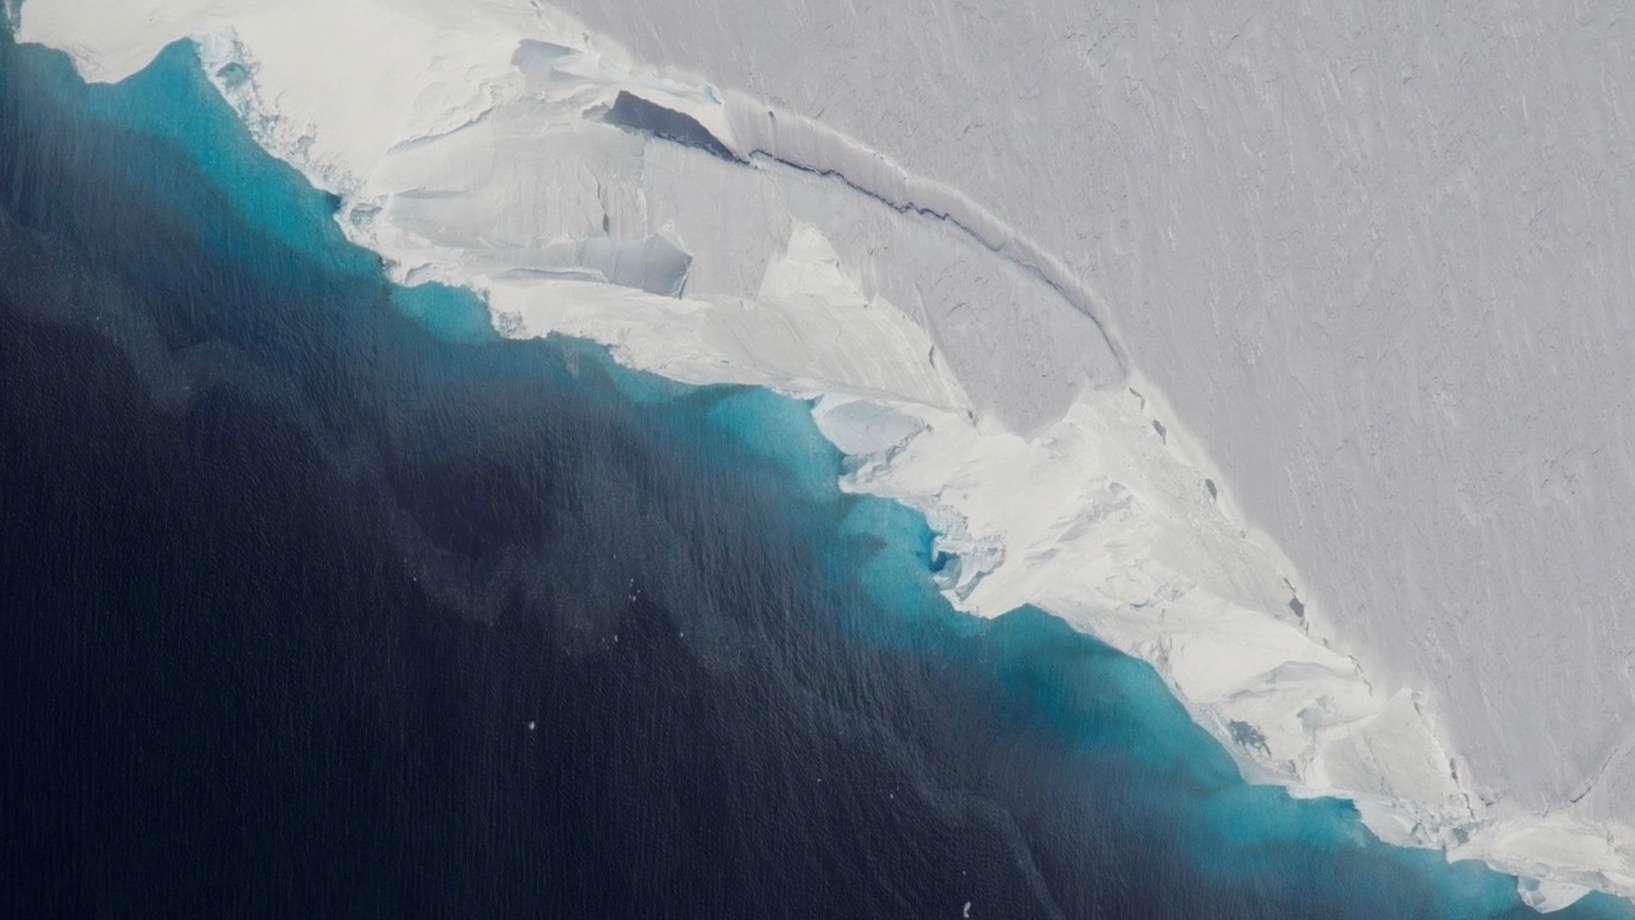 Le glacier Thwaites, situé en Ouest-Antarctique, est un des plus importants contributeurs à la montée du niveau des océans de cette région du continent blanc. Depuis une décennie, l'inlandsis Ouest-Antarctique fond trois fois plus rapidement qu'auparavant. © Nasa/OIB/Jeremy Harbeck